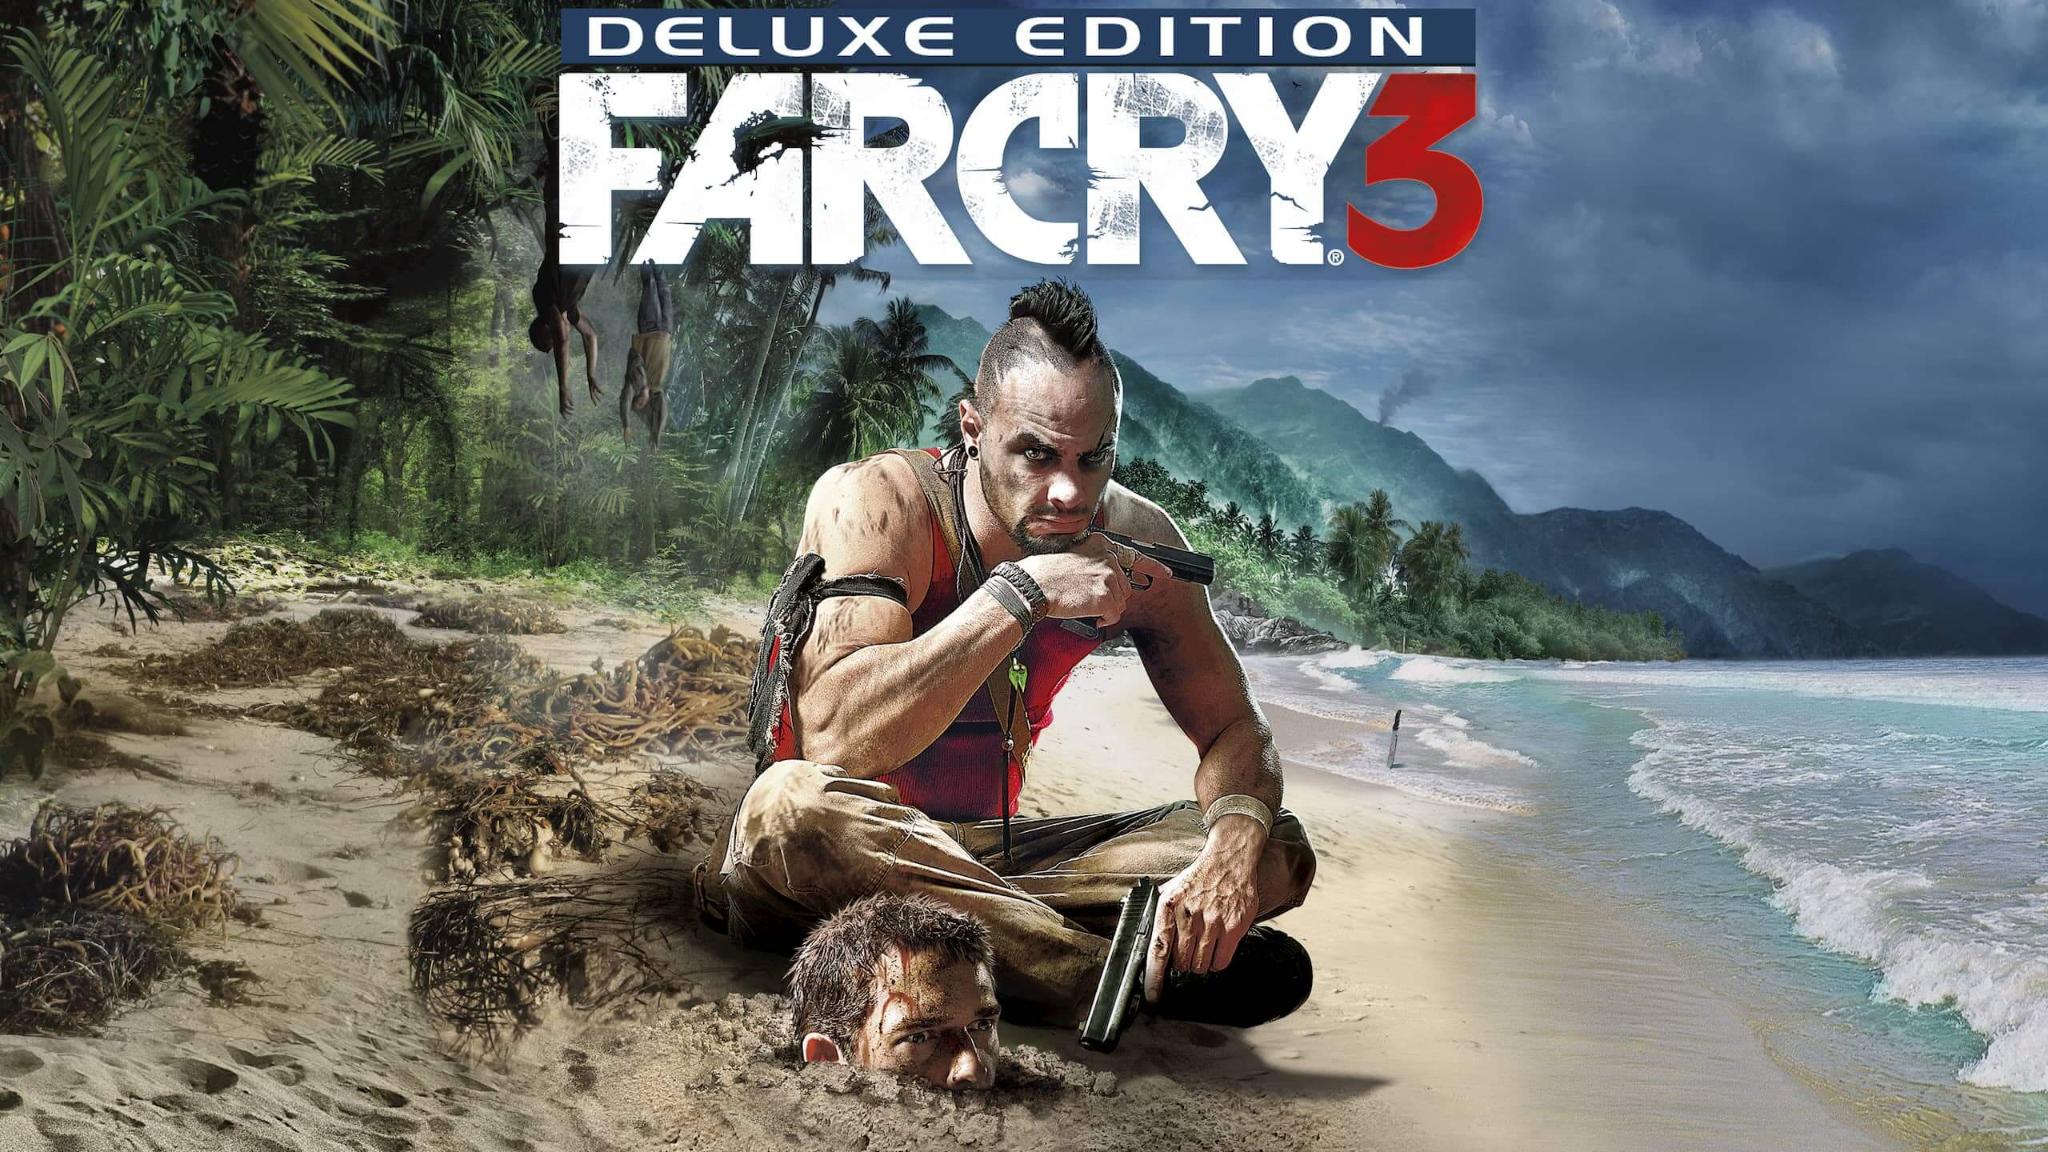 จัดอันดับ Far Cry เตรียมต้อบรับ Farcry 6 ใครยังไม่เก็บภาคไหนต้องมาดู8